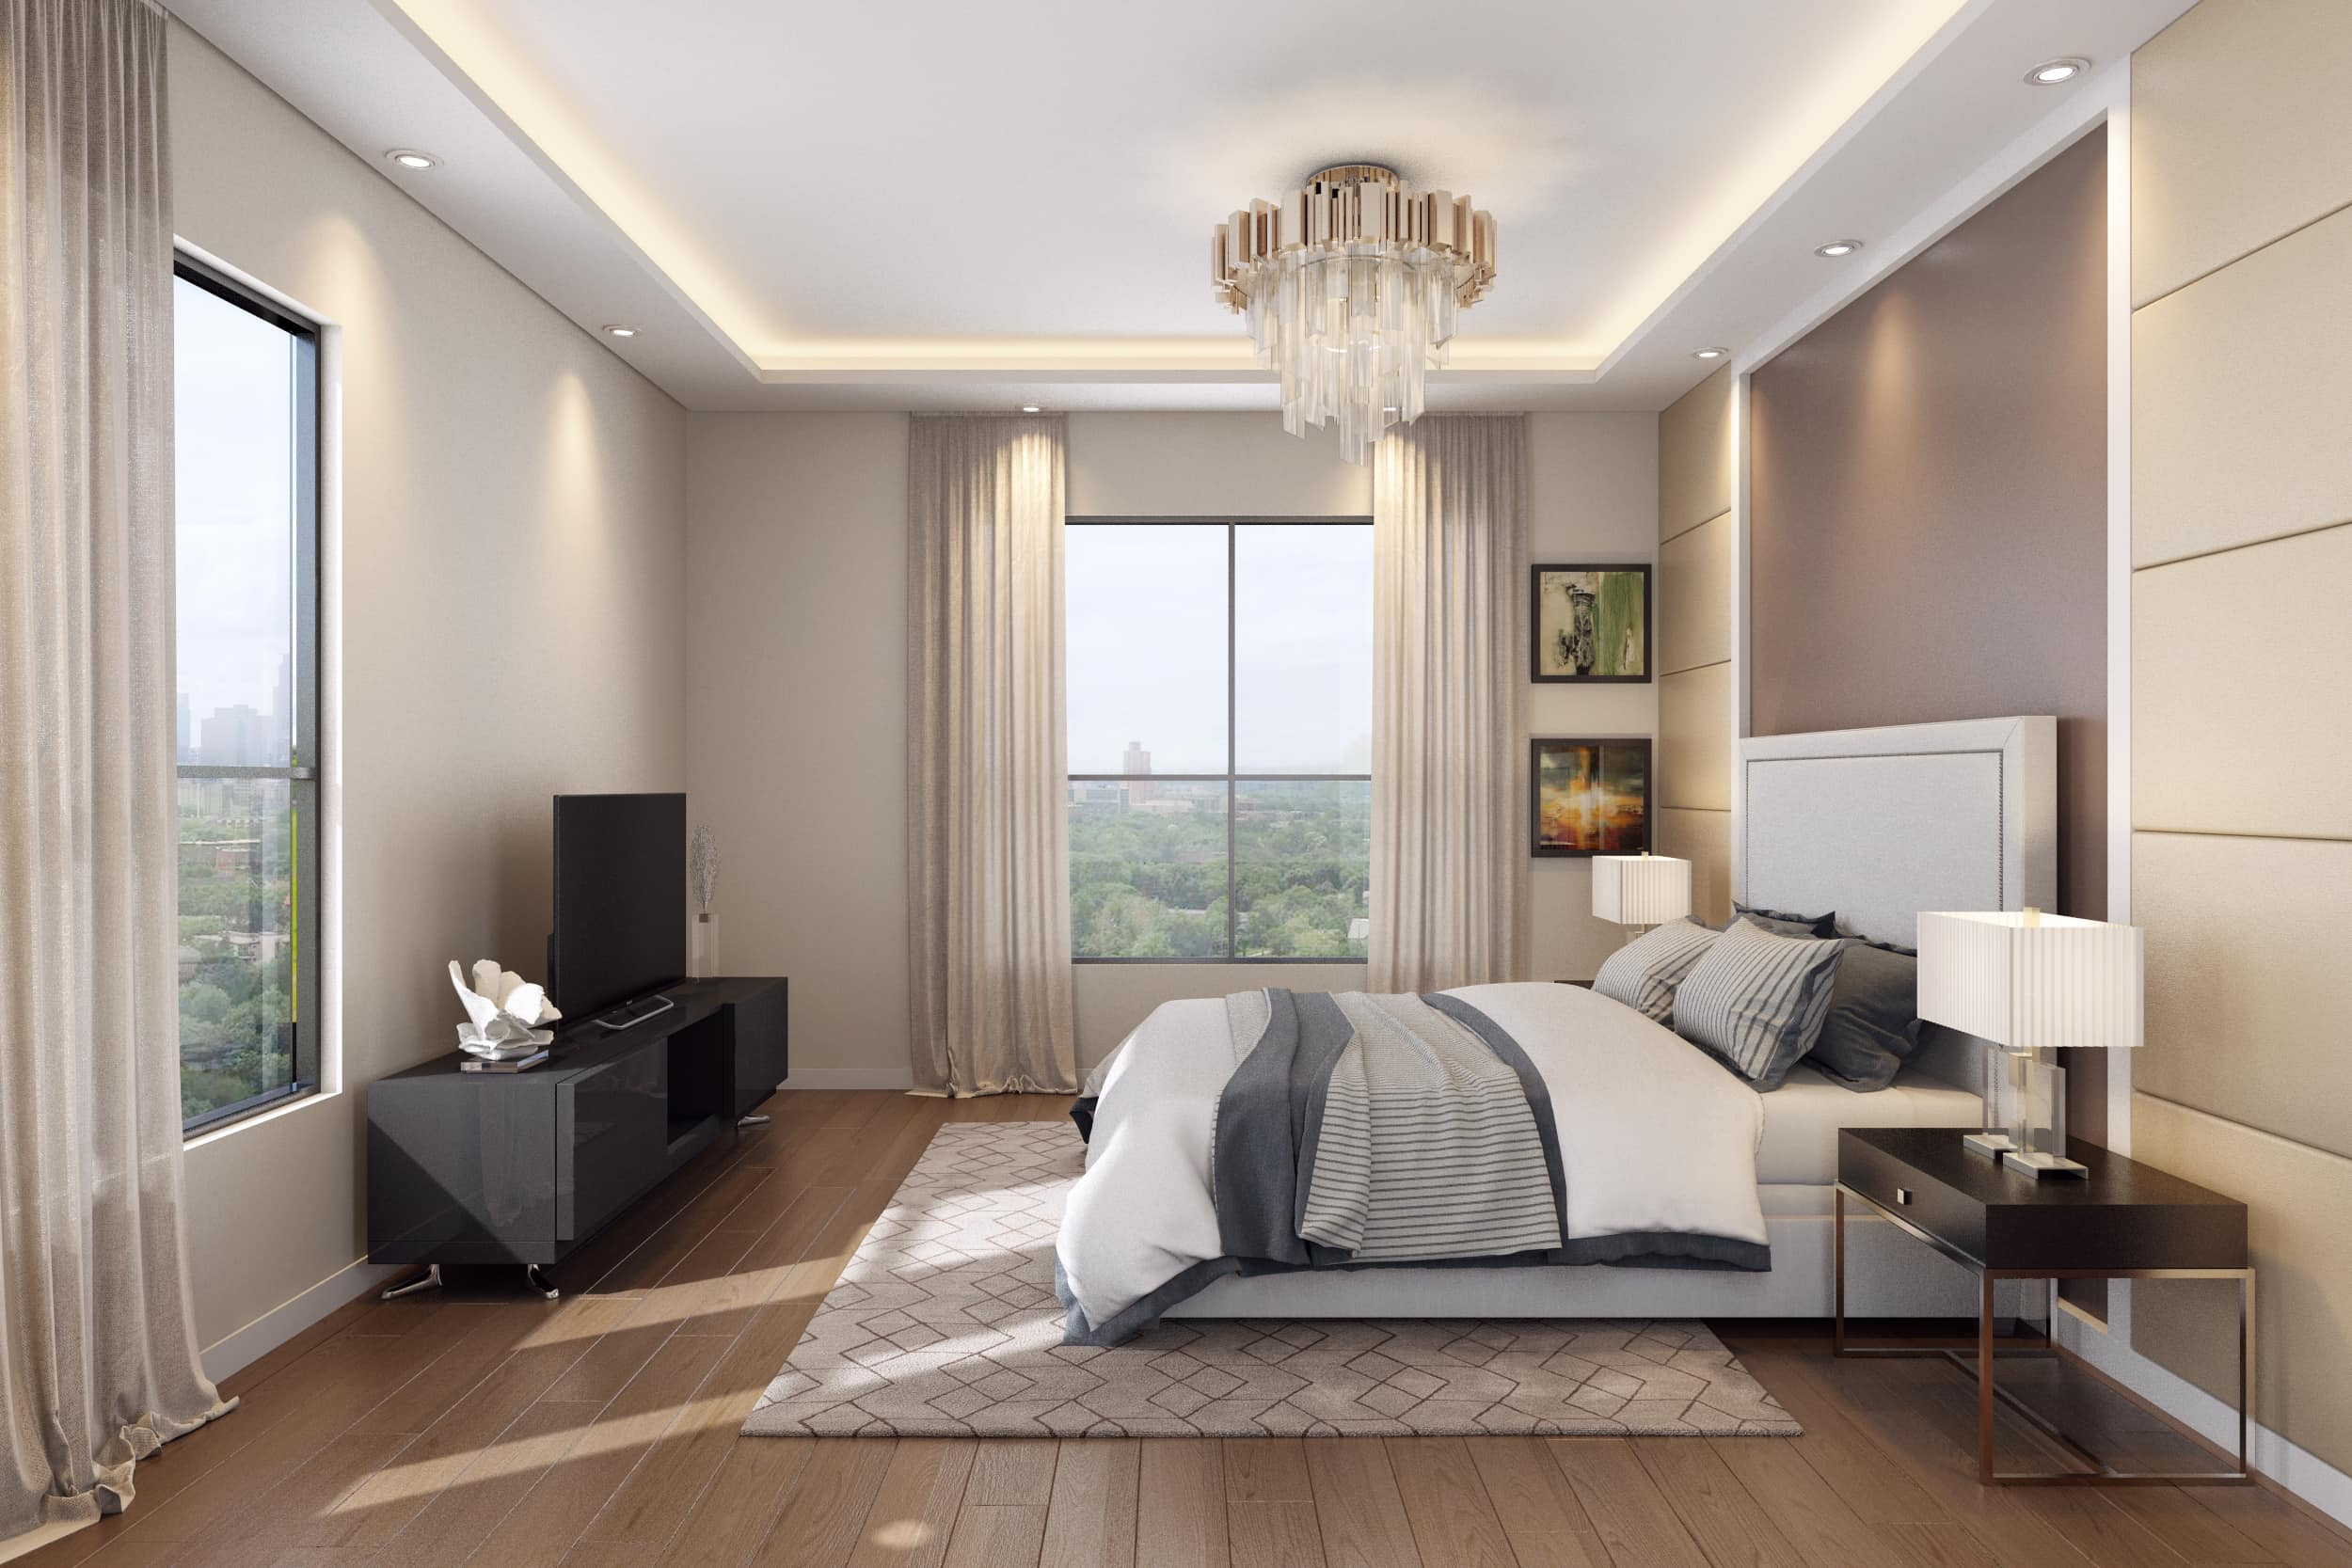 Celesta Bedroom